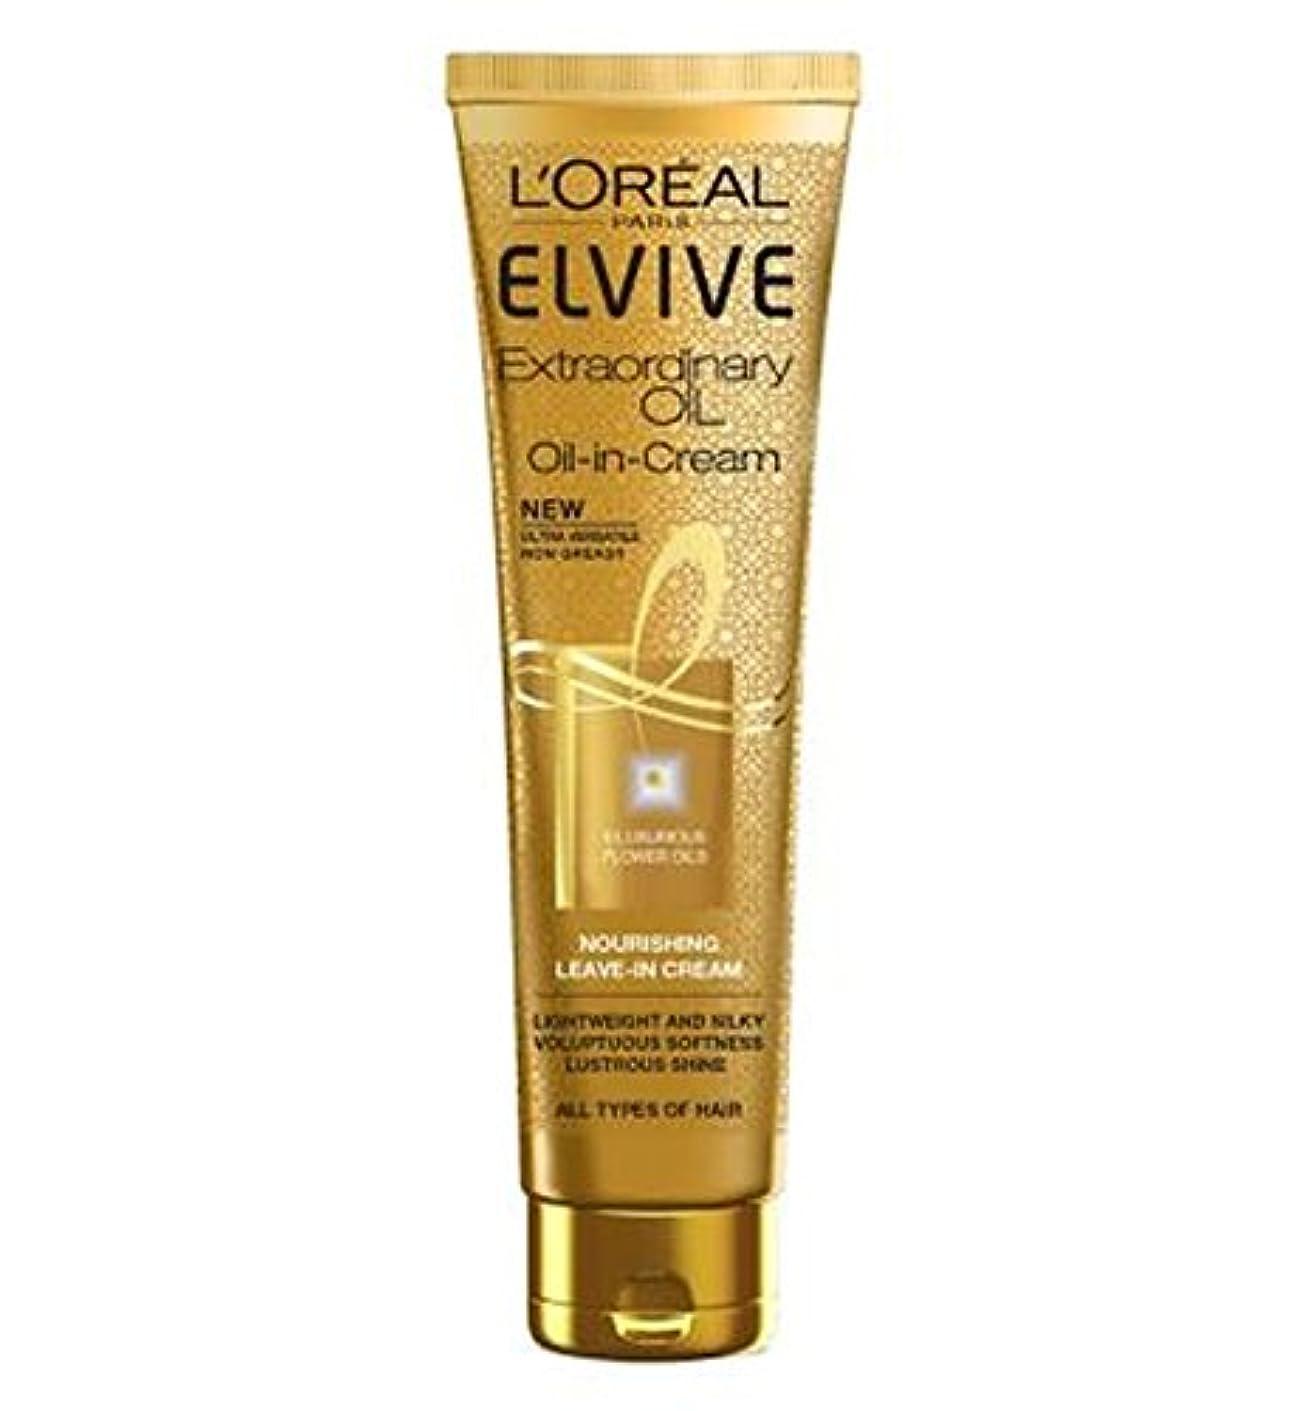 うがい薬冗談で涙が出るすべての髪のタイプのクリームでロレアルパリElvive臨時オイル (L'Oreal) (x2) - L'Oreal Paris Elvive Extraordinary Oil in Cream All Hair Types...